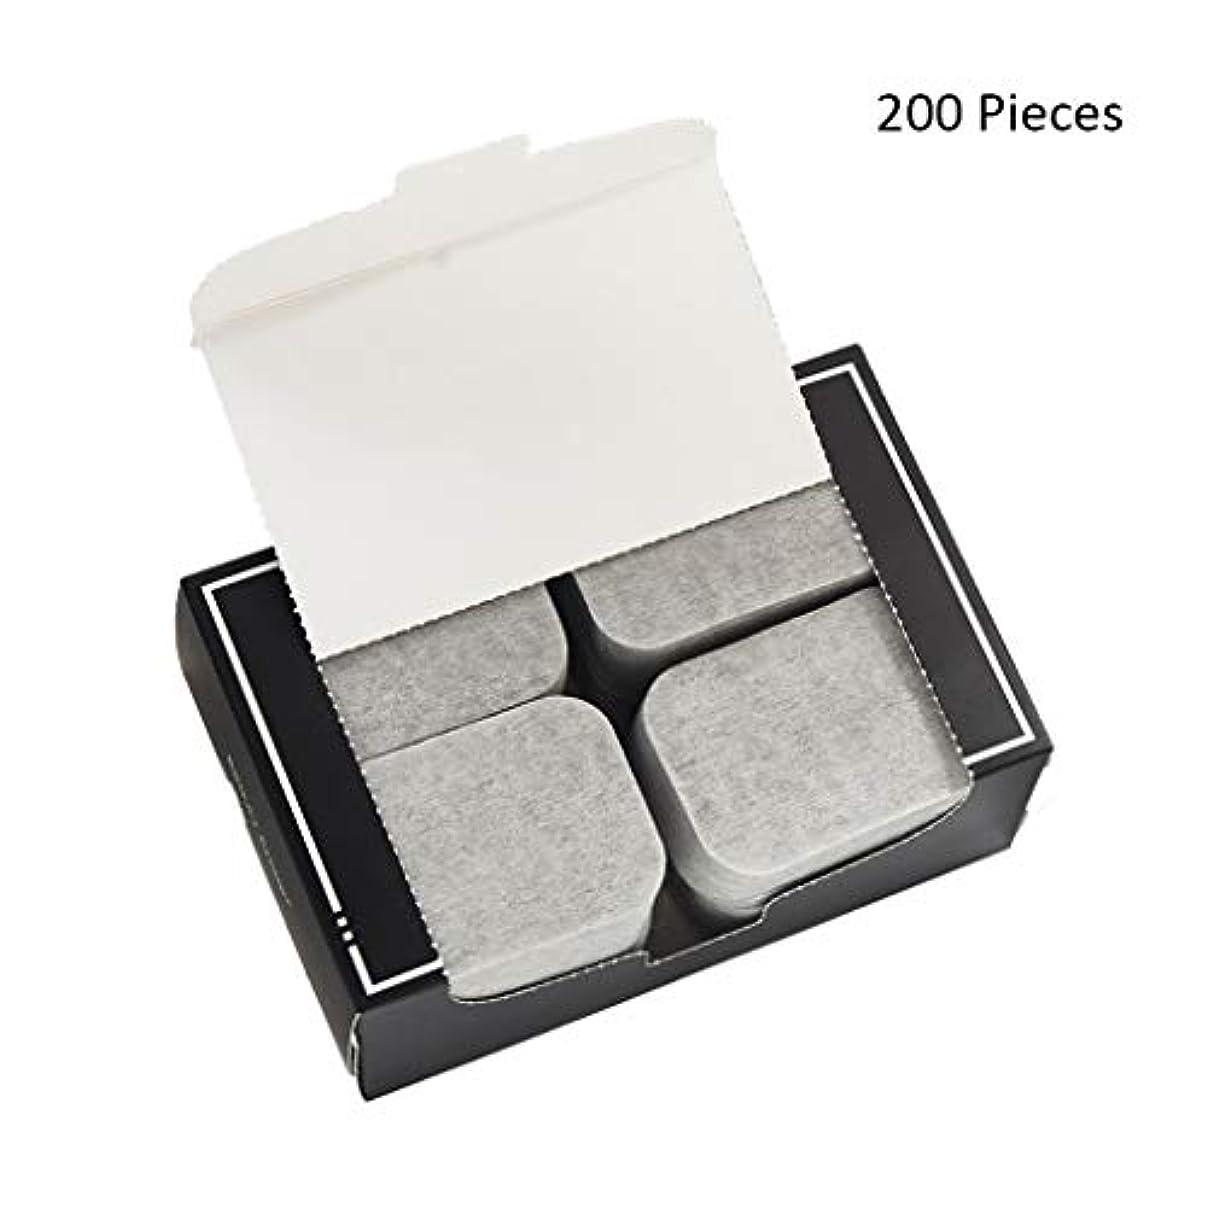 ブランド名スキルはげ200ピース/パックフェイスメイクアップリムーバー竹炭ポータブルコットンパッドソフトクレンジングメイクピュア両面リムーバーコットン (Color : Gray, サイズ : 7*5cm)